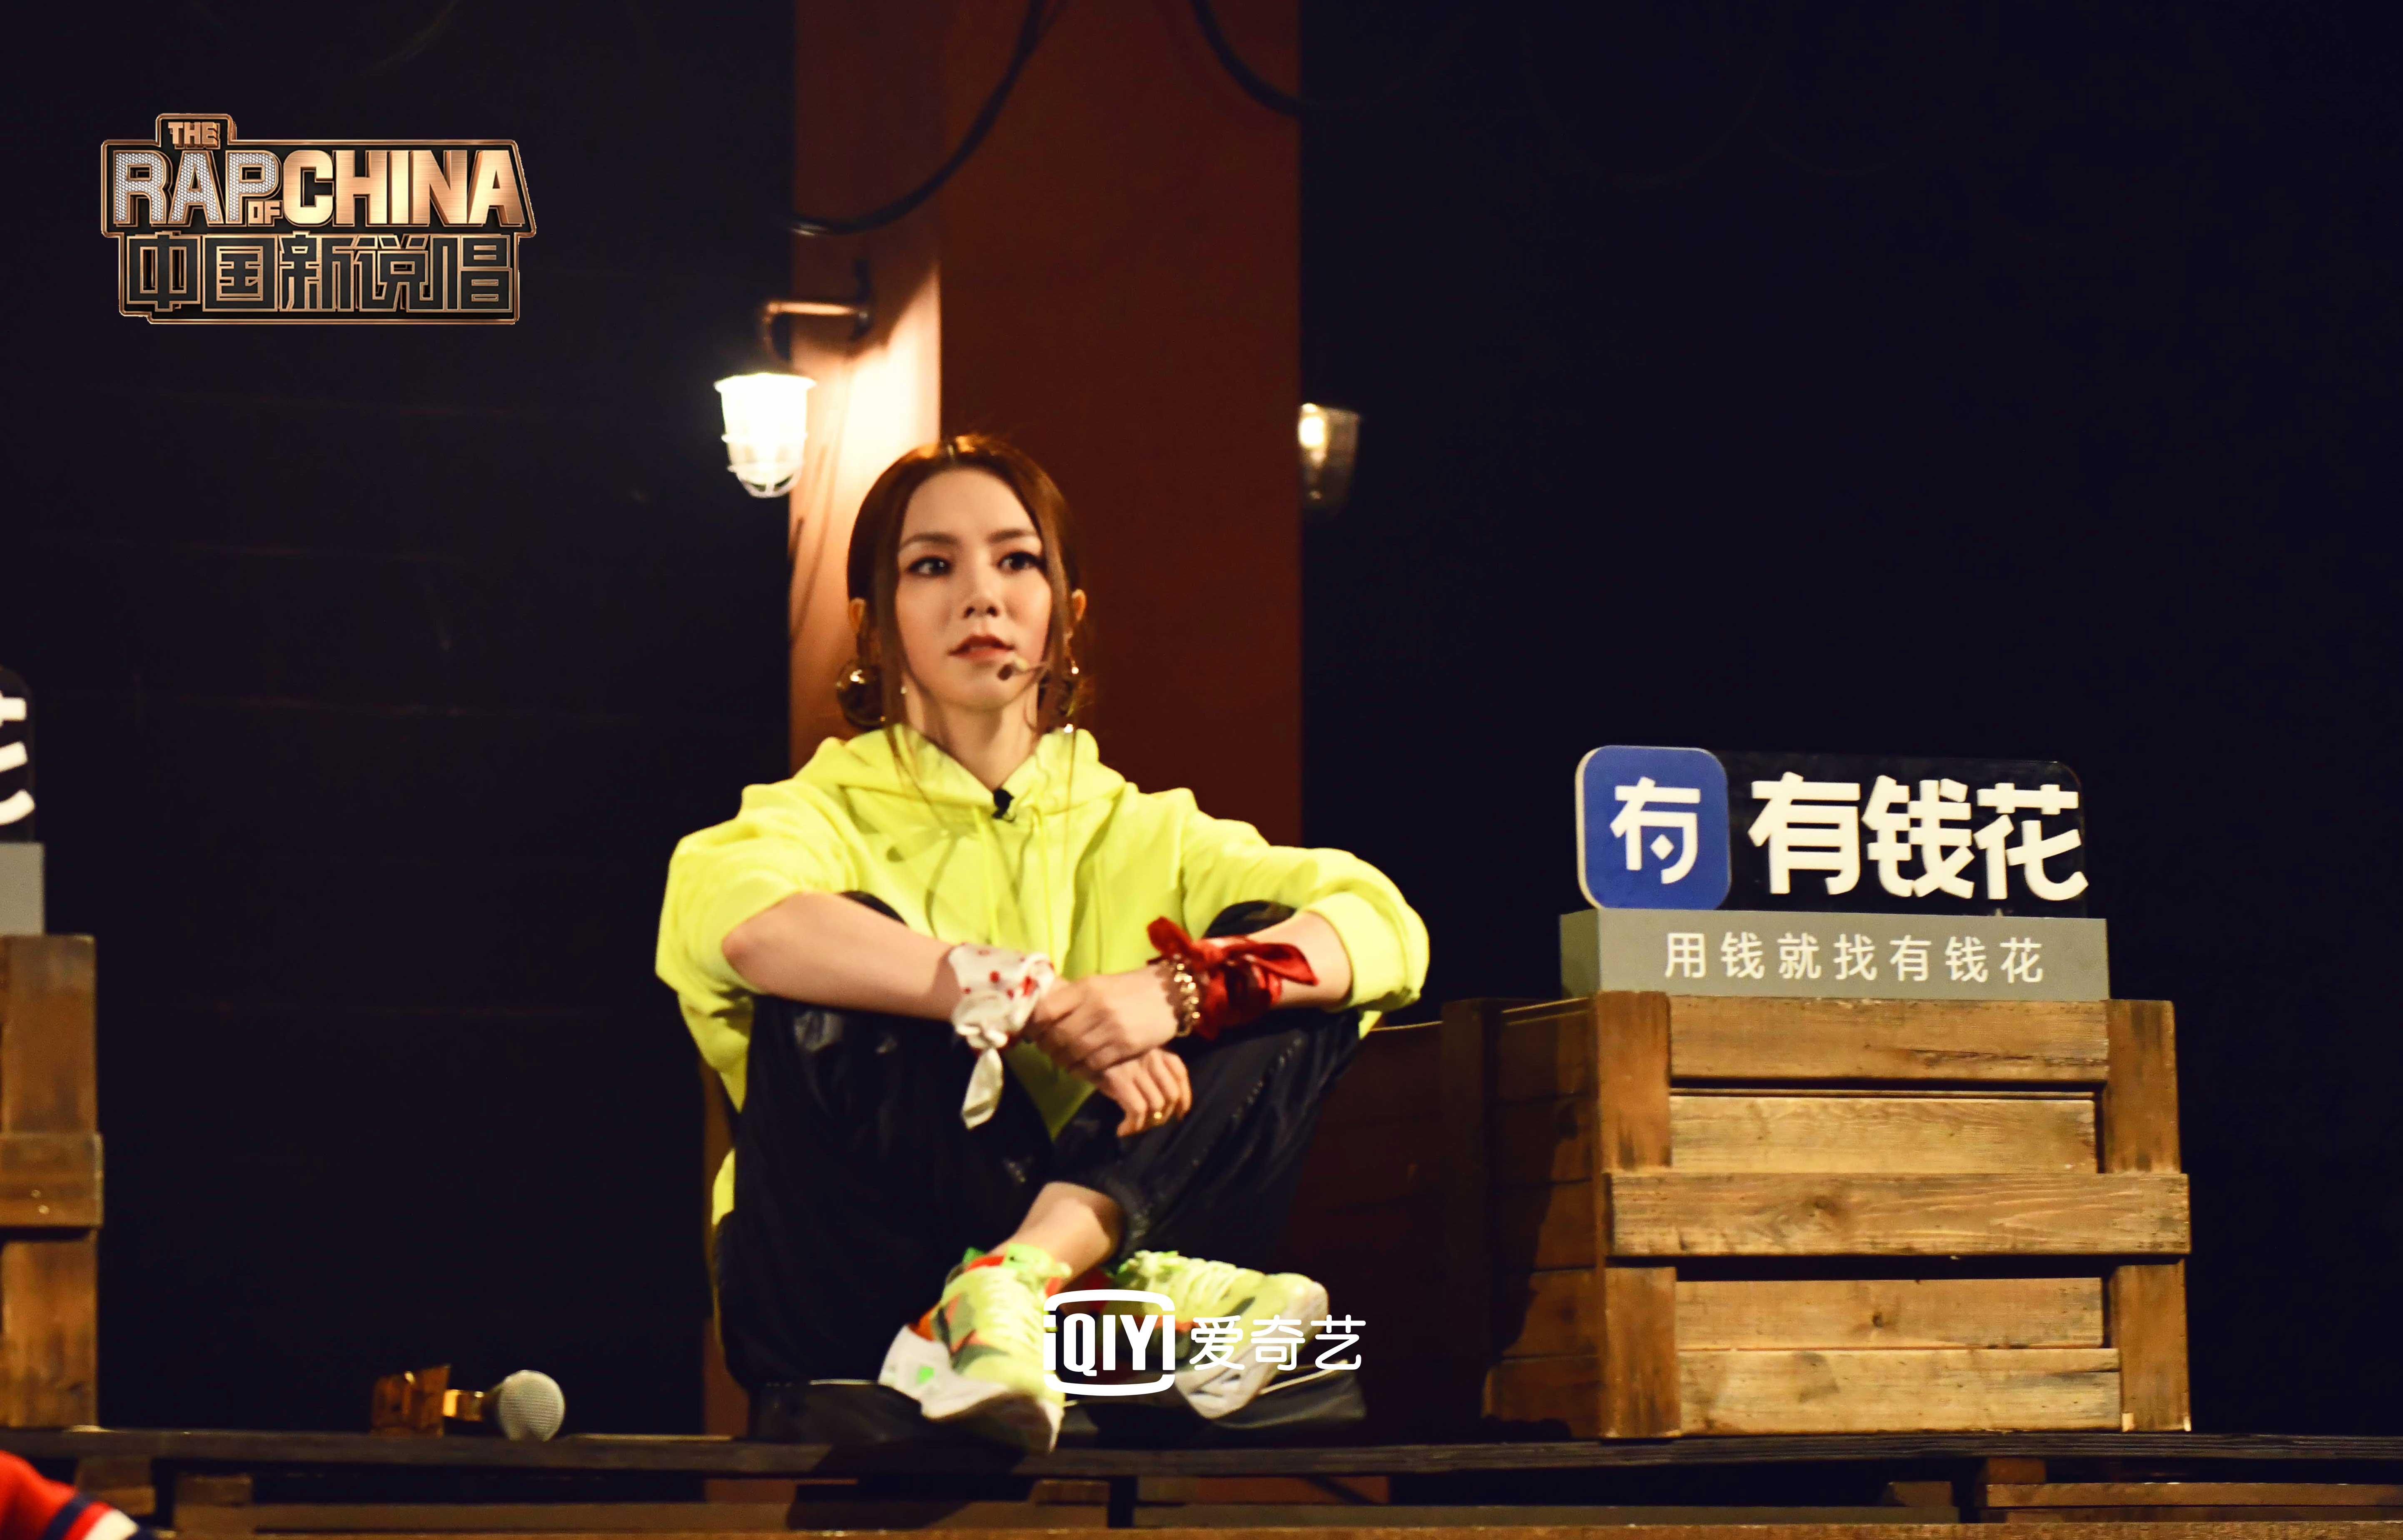 《中国新说唱》2019总决赛将于今晚重磅来袭 人气rapper齐聚再添燃炸名场面